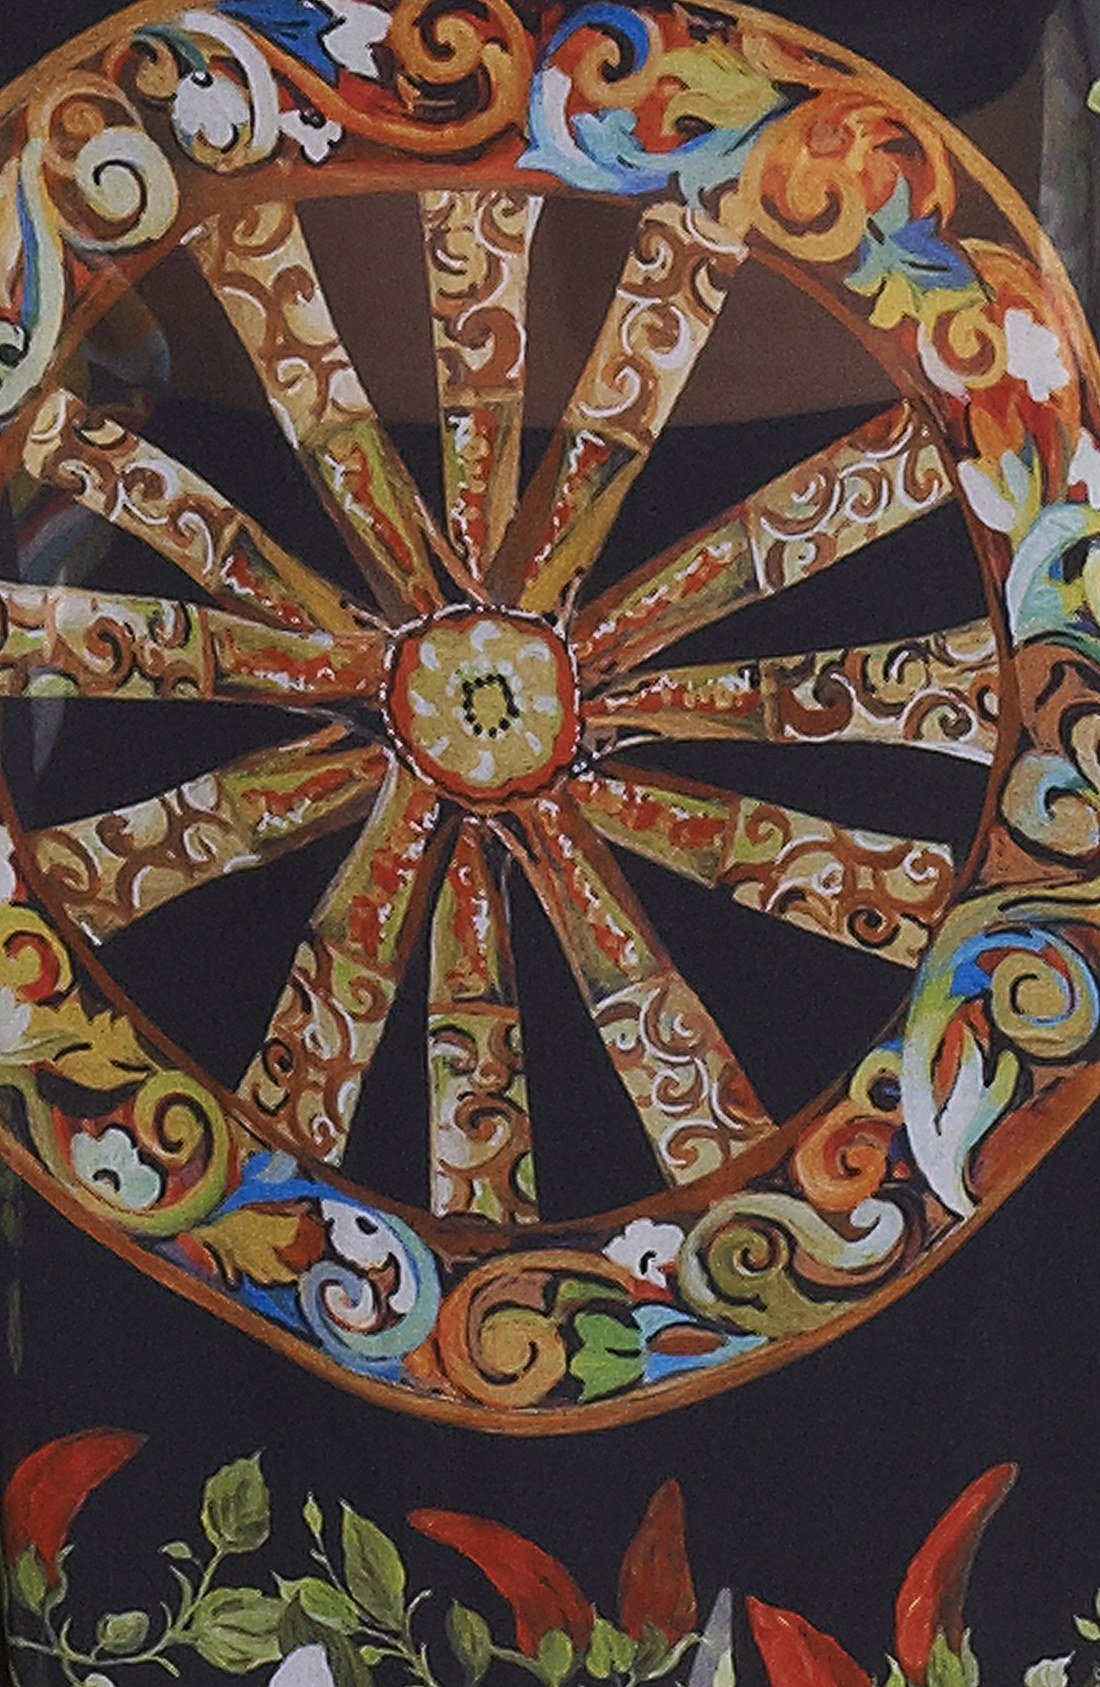 Dolce & gabbana Wheel Print Silk Caftan